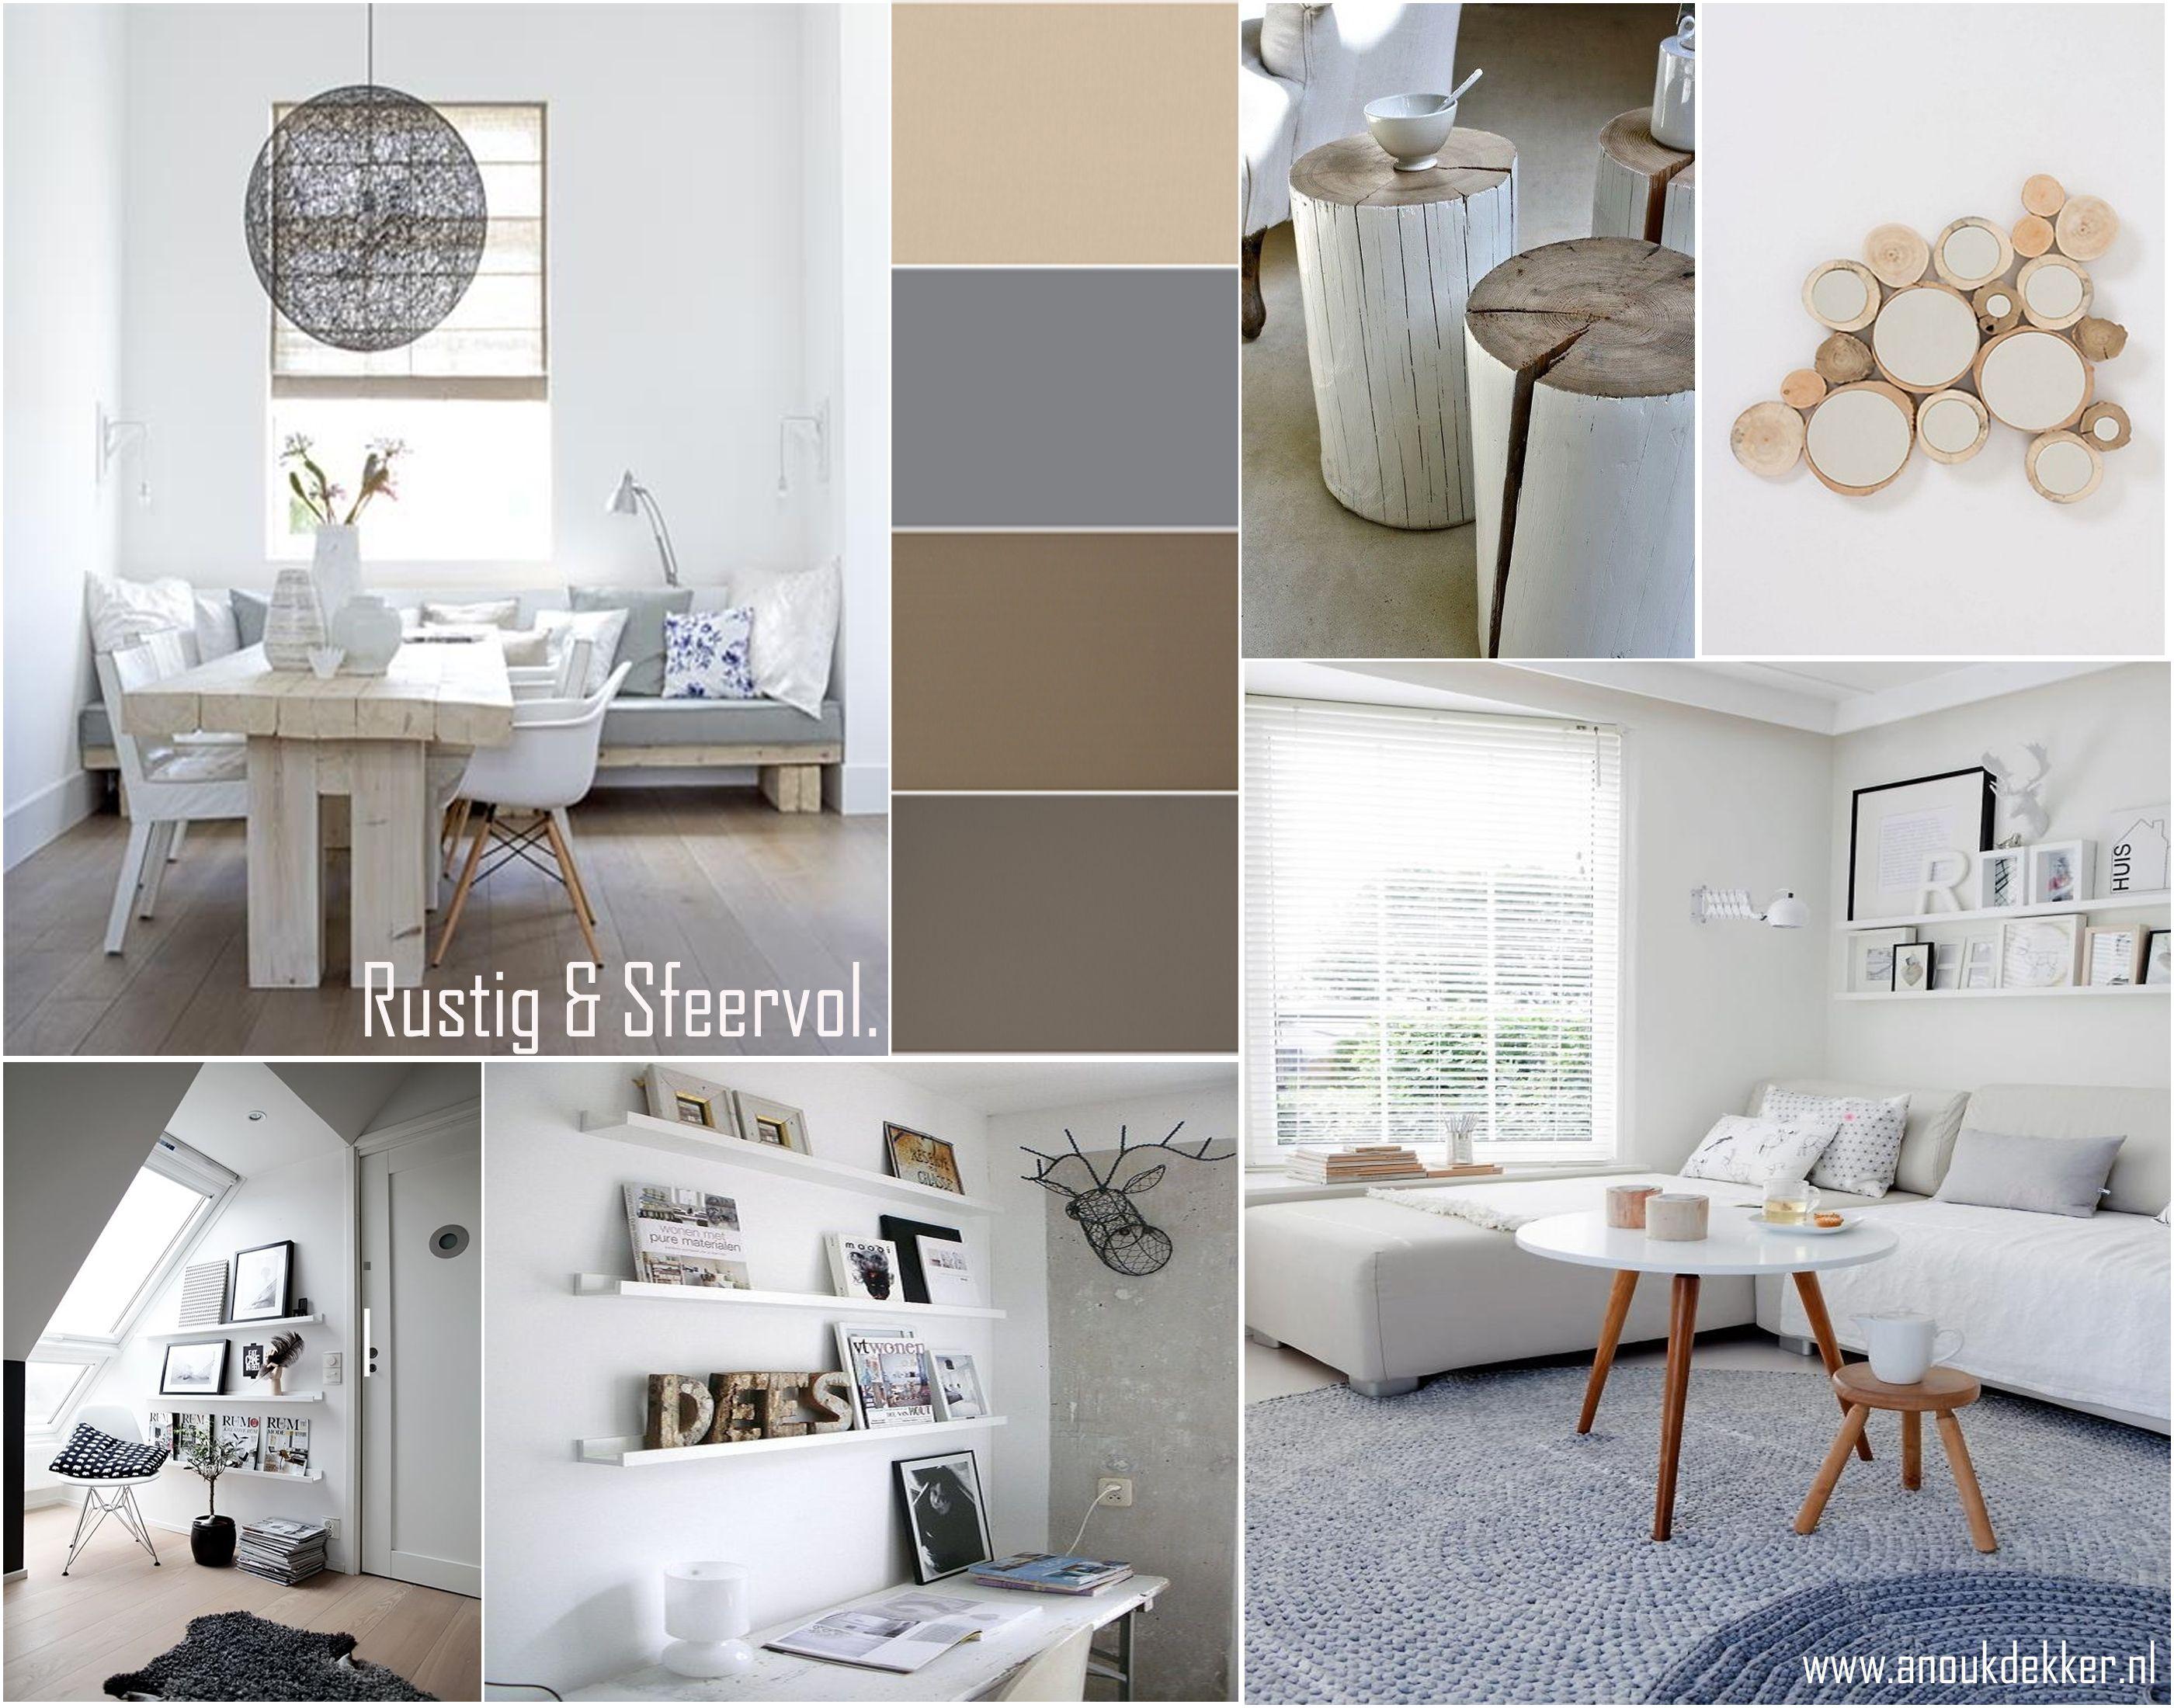 woonkamer kleuren - google zoeken - slaapkamer | pinterest, Deco ideeën